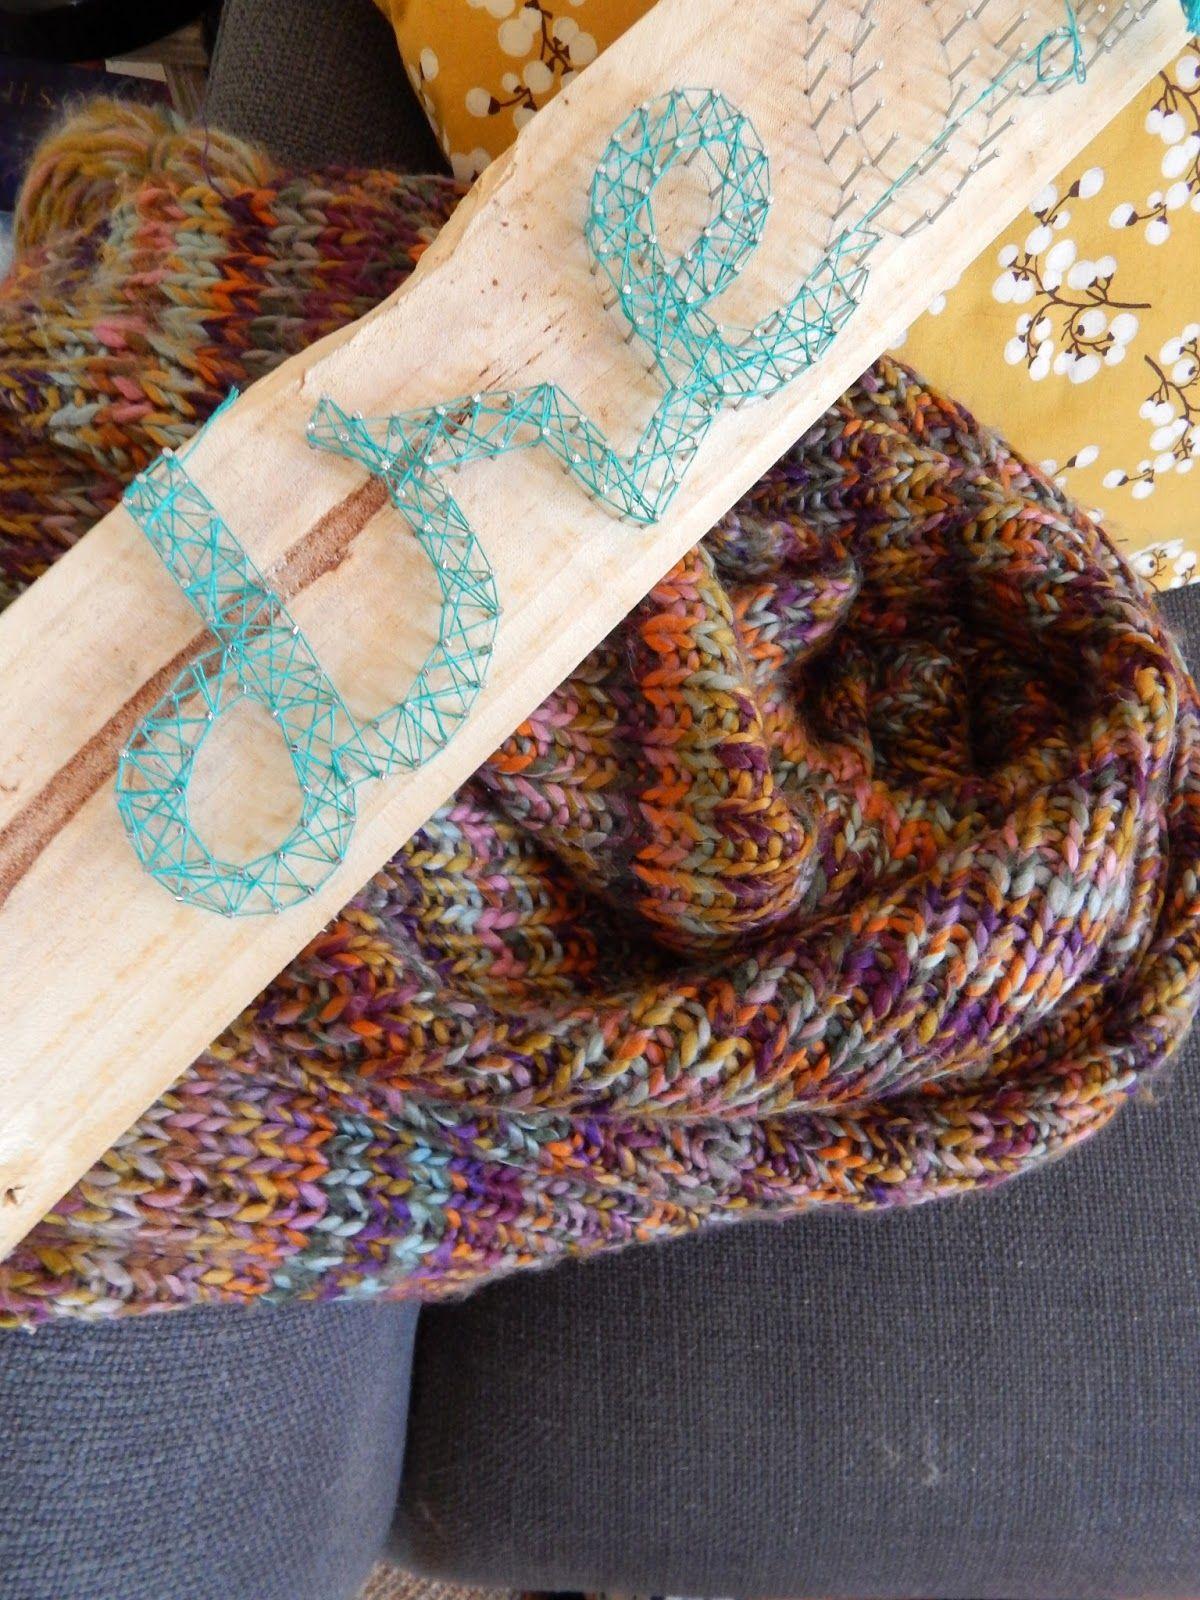 à la French: The living room: string art DIY